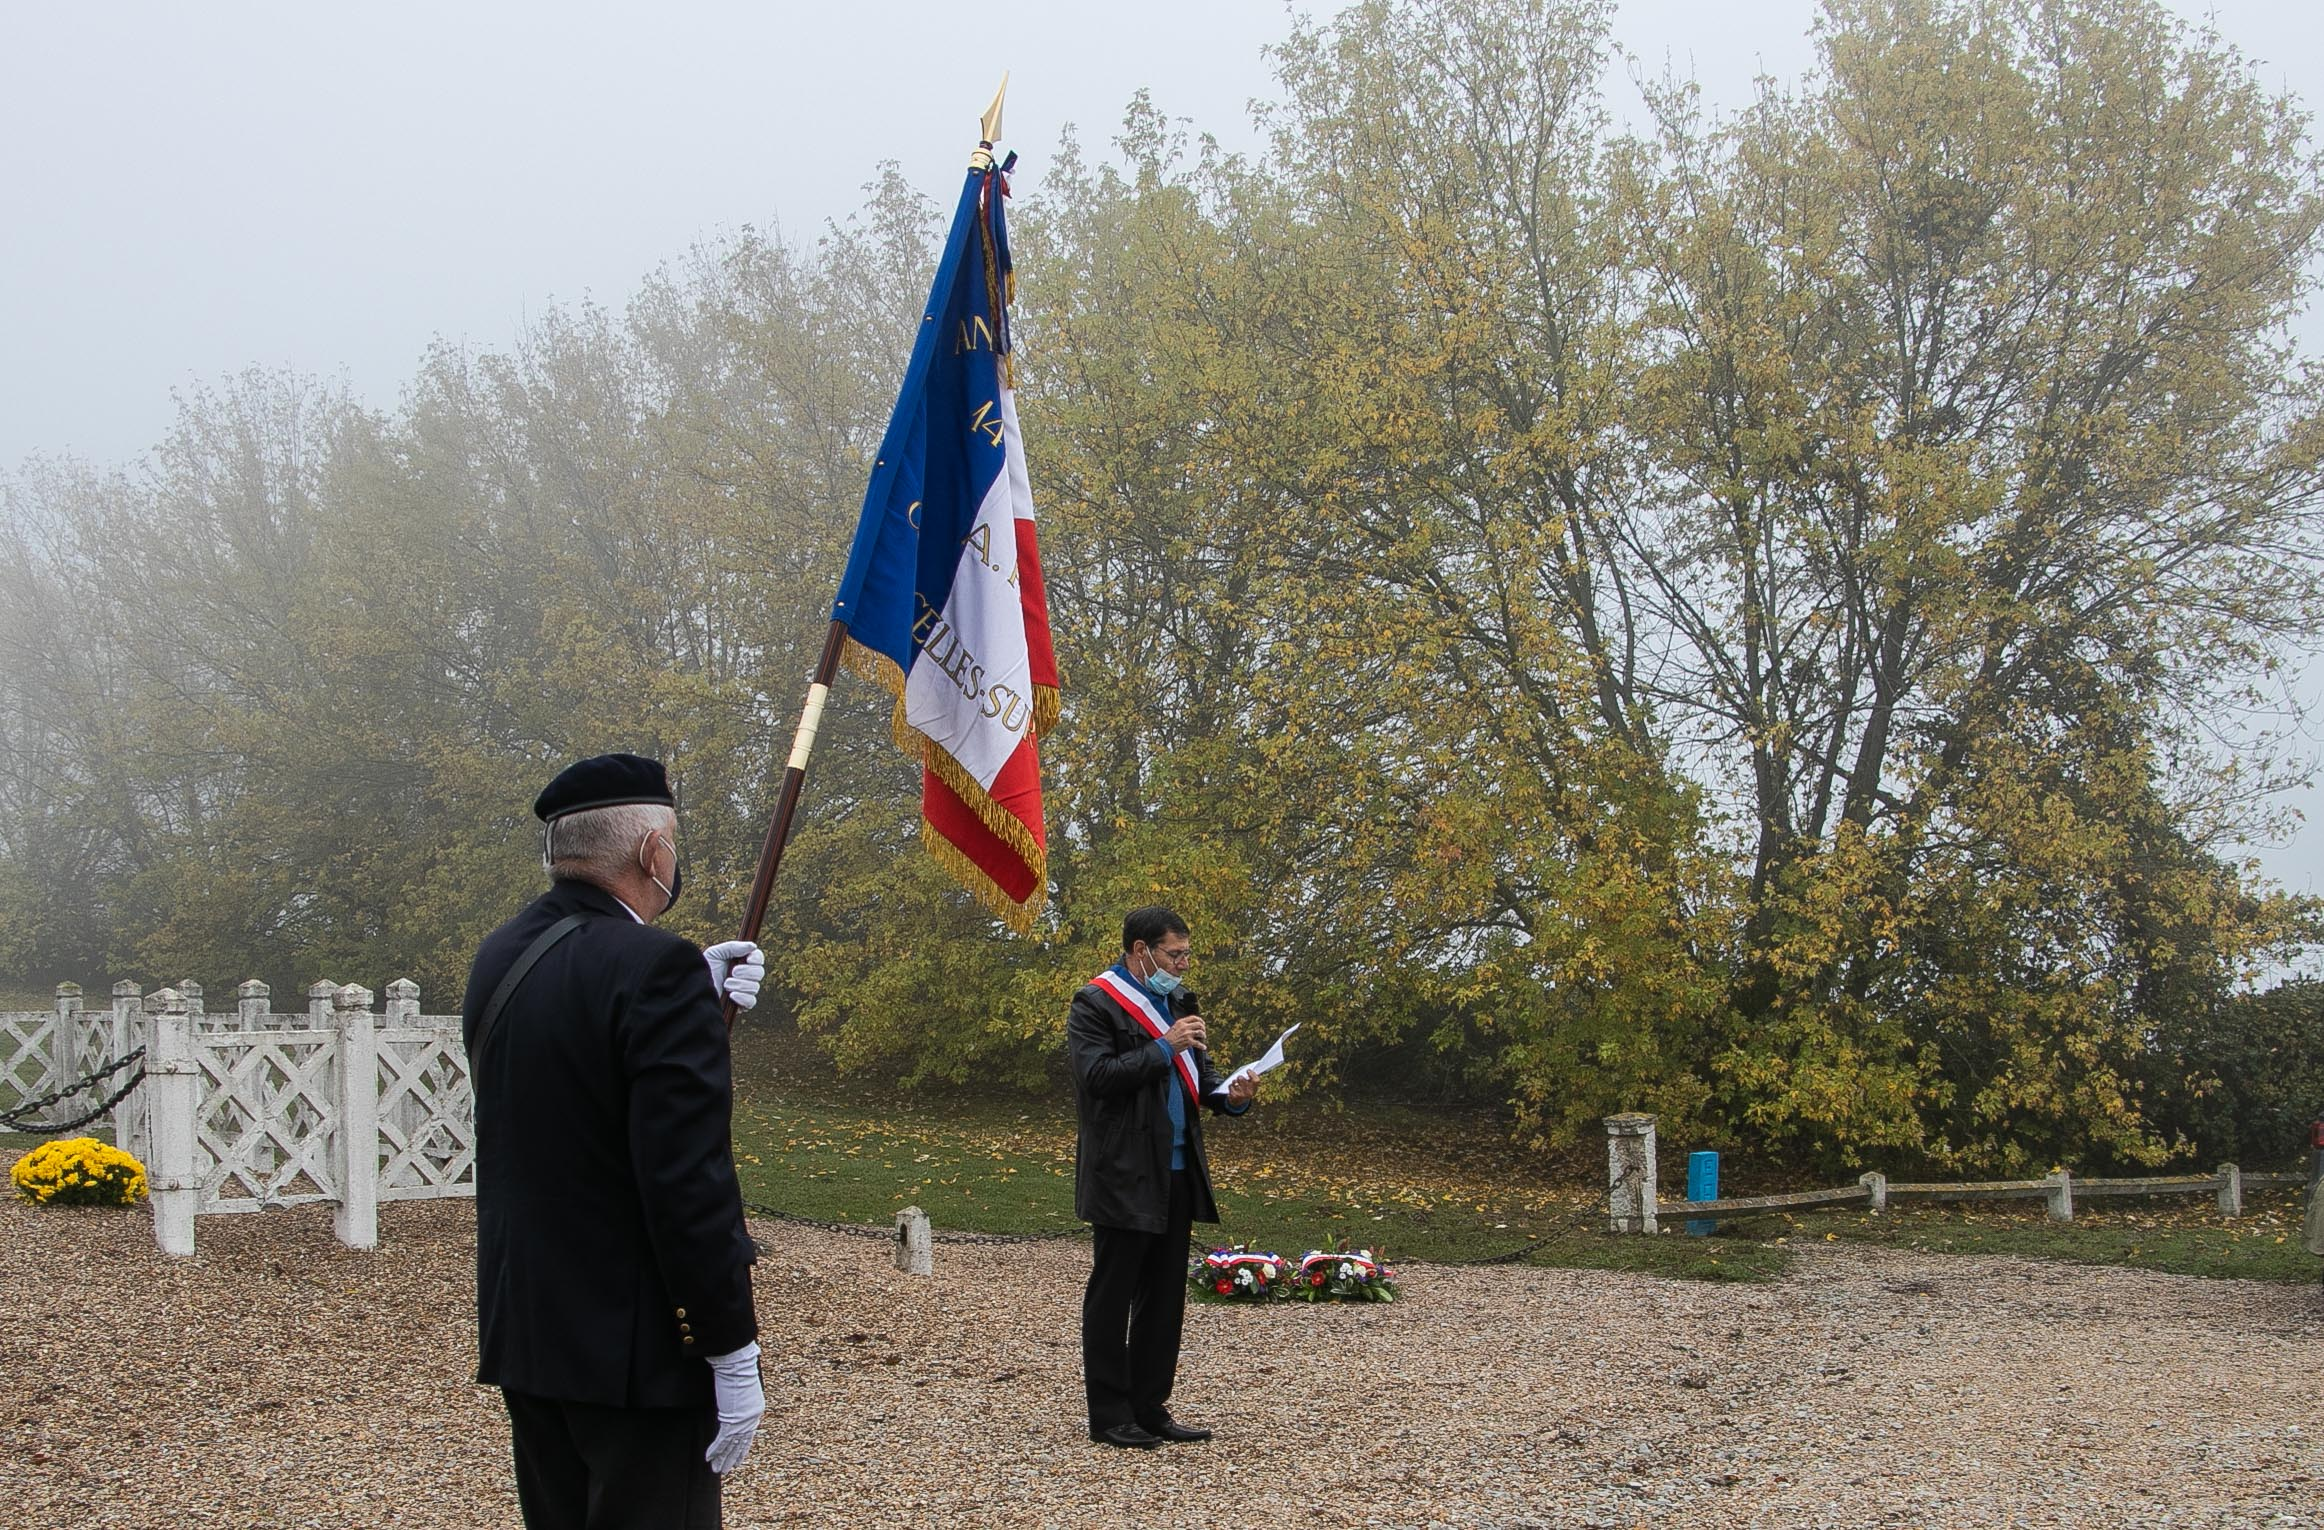 07 armistice 2020, discours dun Maire, porte drapeau au 1er plan 1 _1 sur 1_.jpg